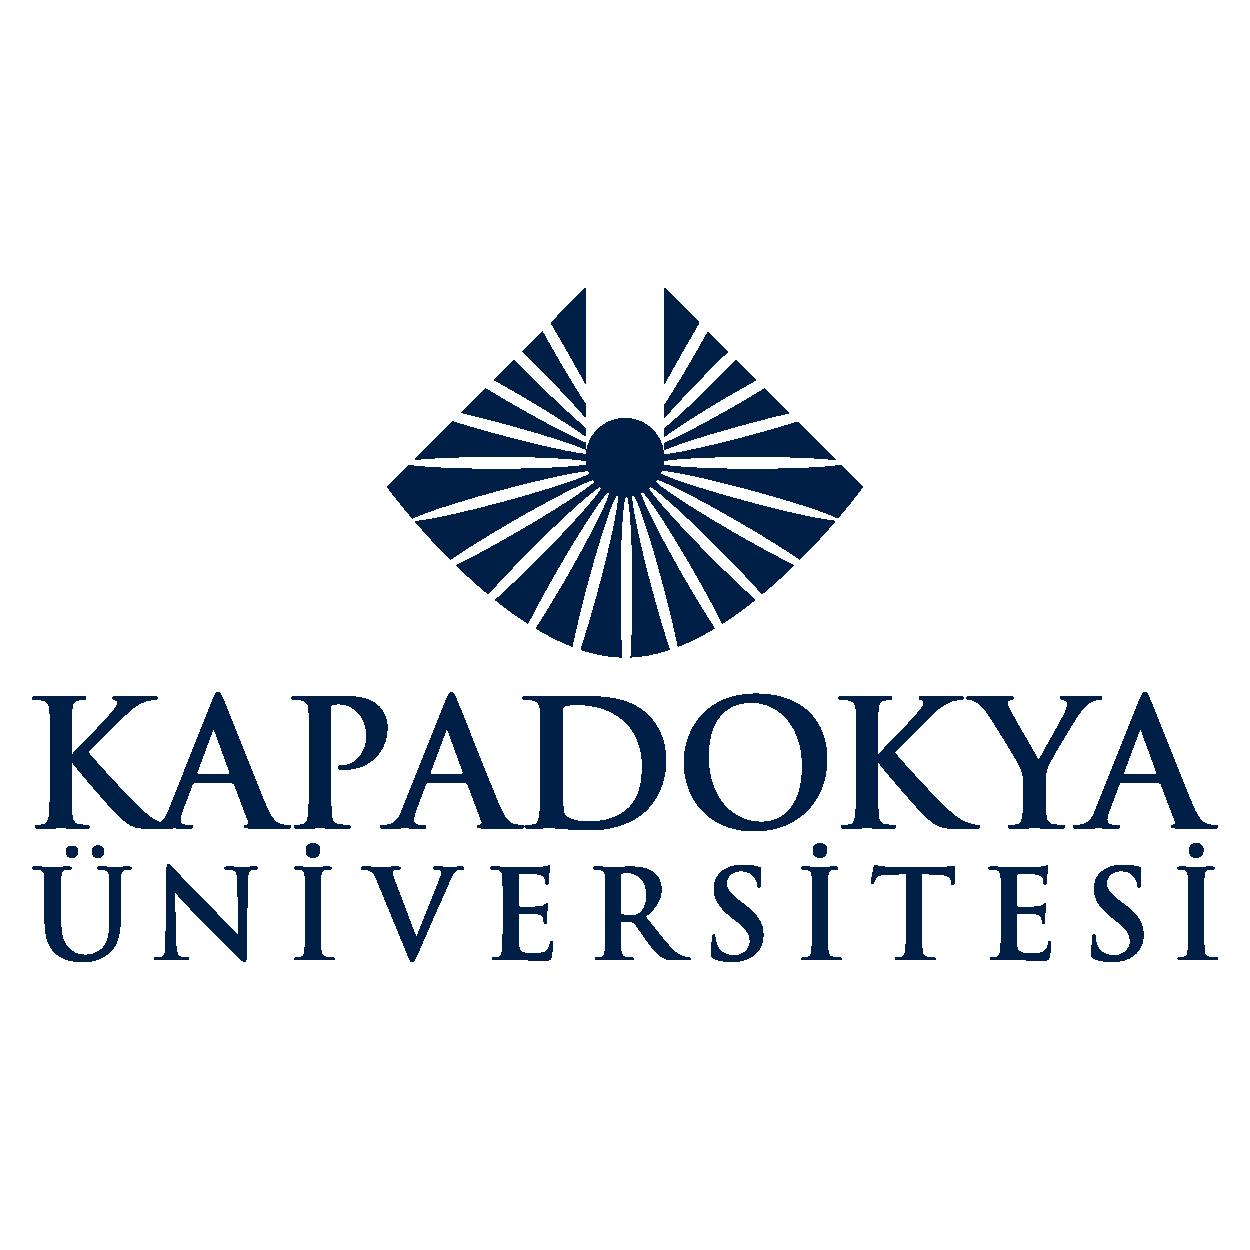 Kapadokya Üniversitesi ryhry